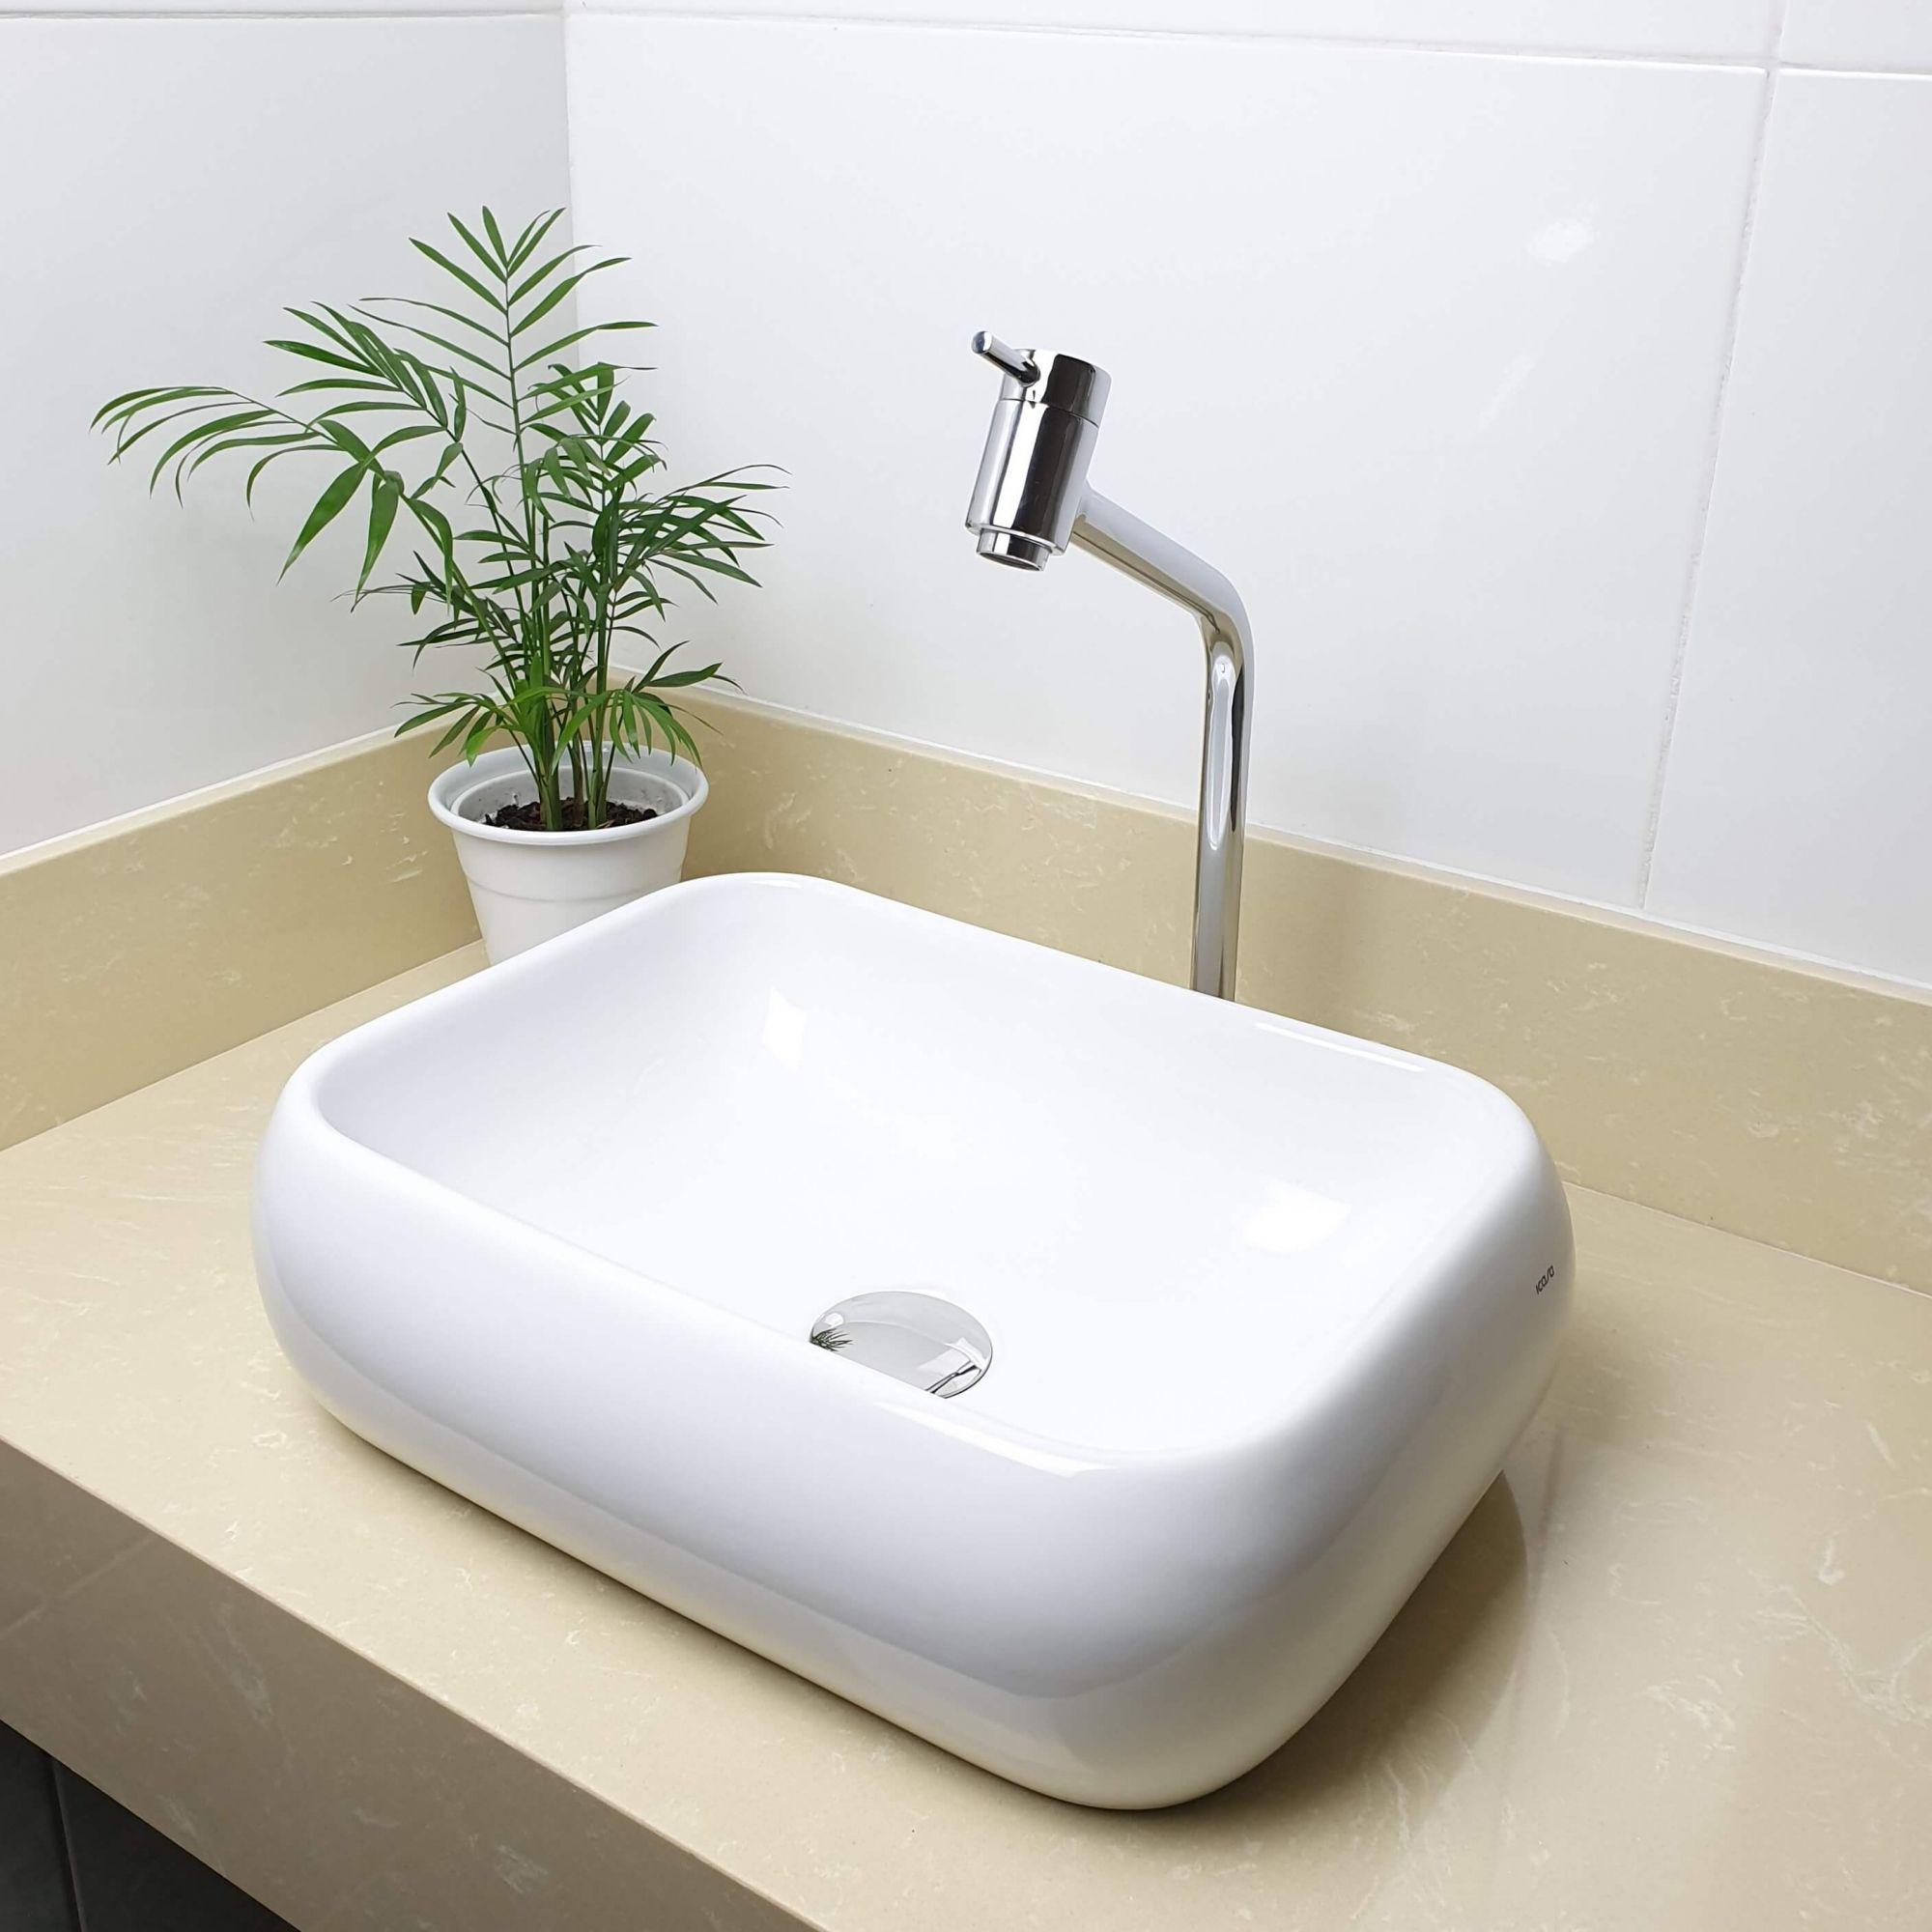 Cuba Banheiro Apoio Retangular 41x31cm com Torneira Bica Alta,  Válvula Click  Sifão e Flexível  - DOTEC SHOP